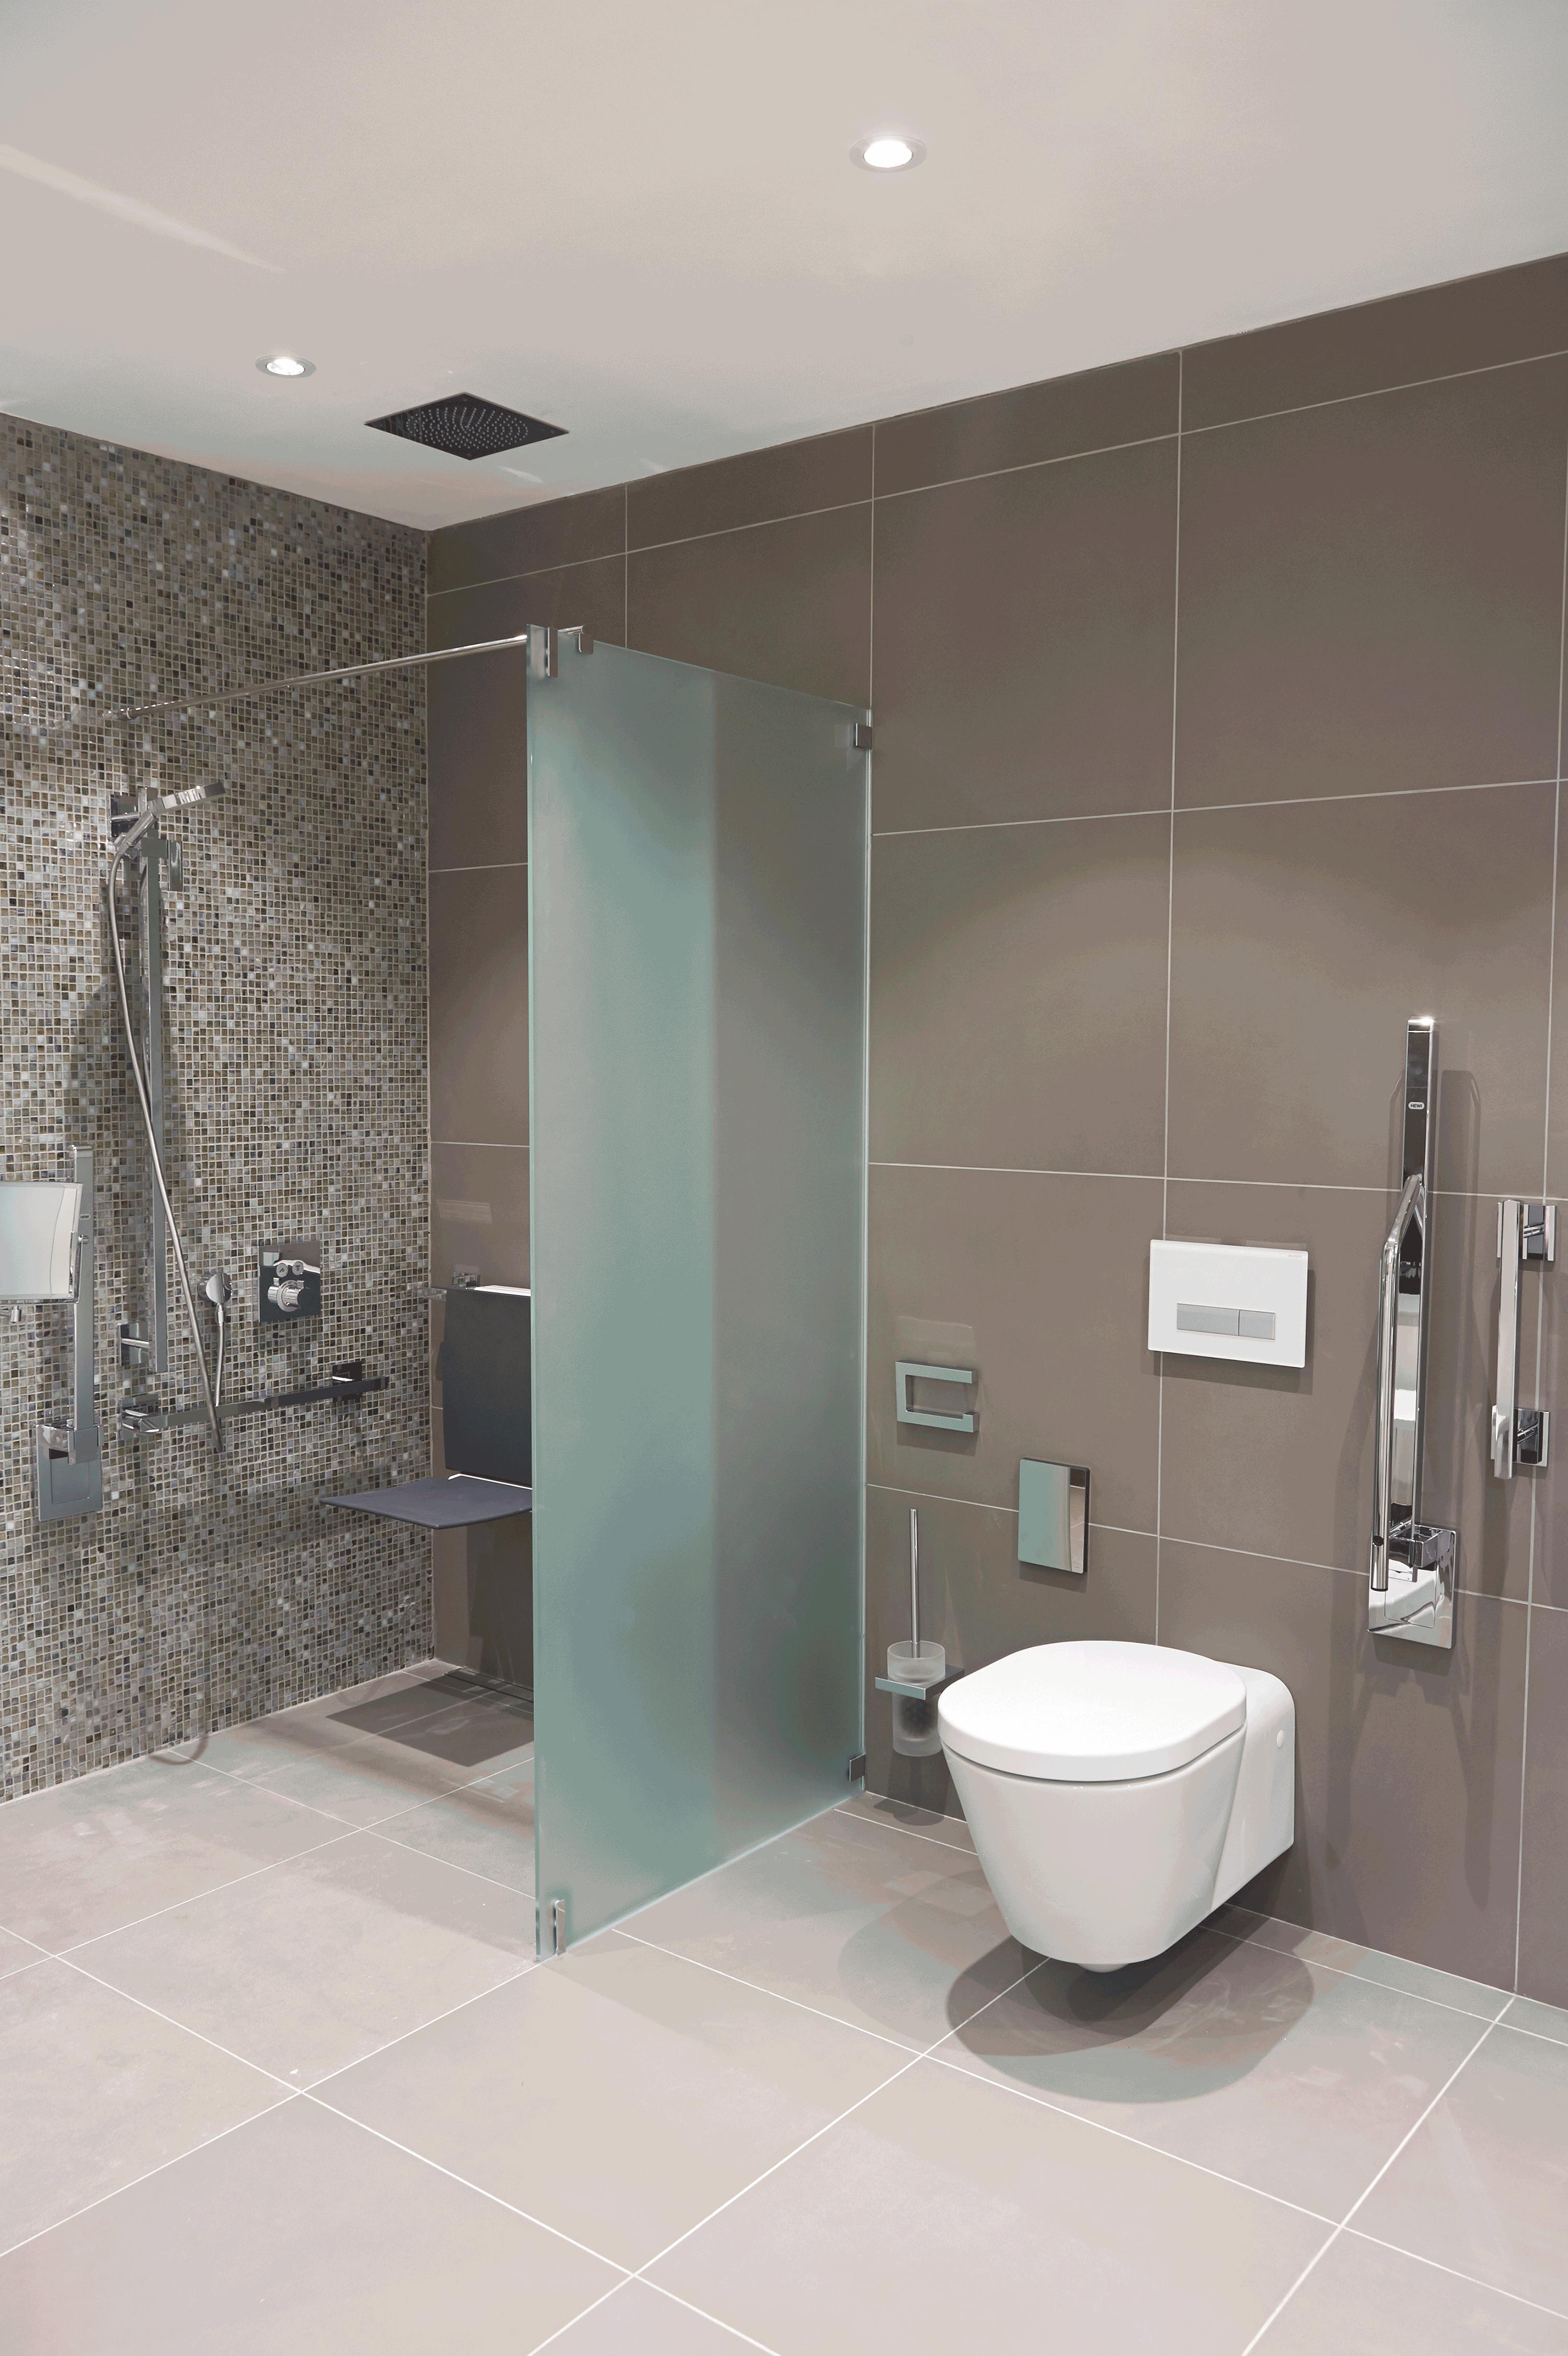 Badausstellung Regensburg hewi bathroom set cphart waterloo changing room